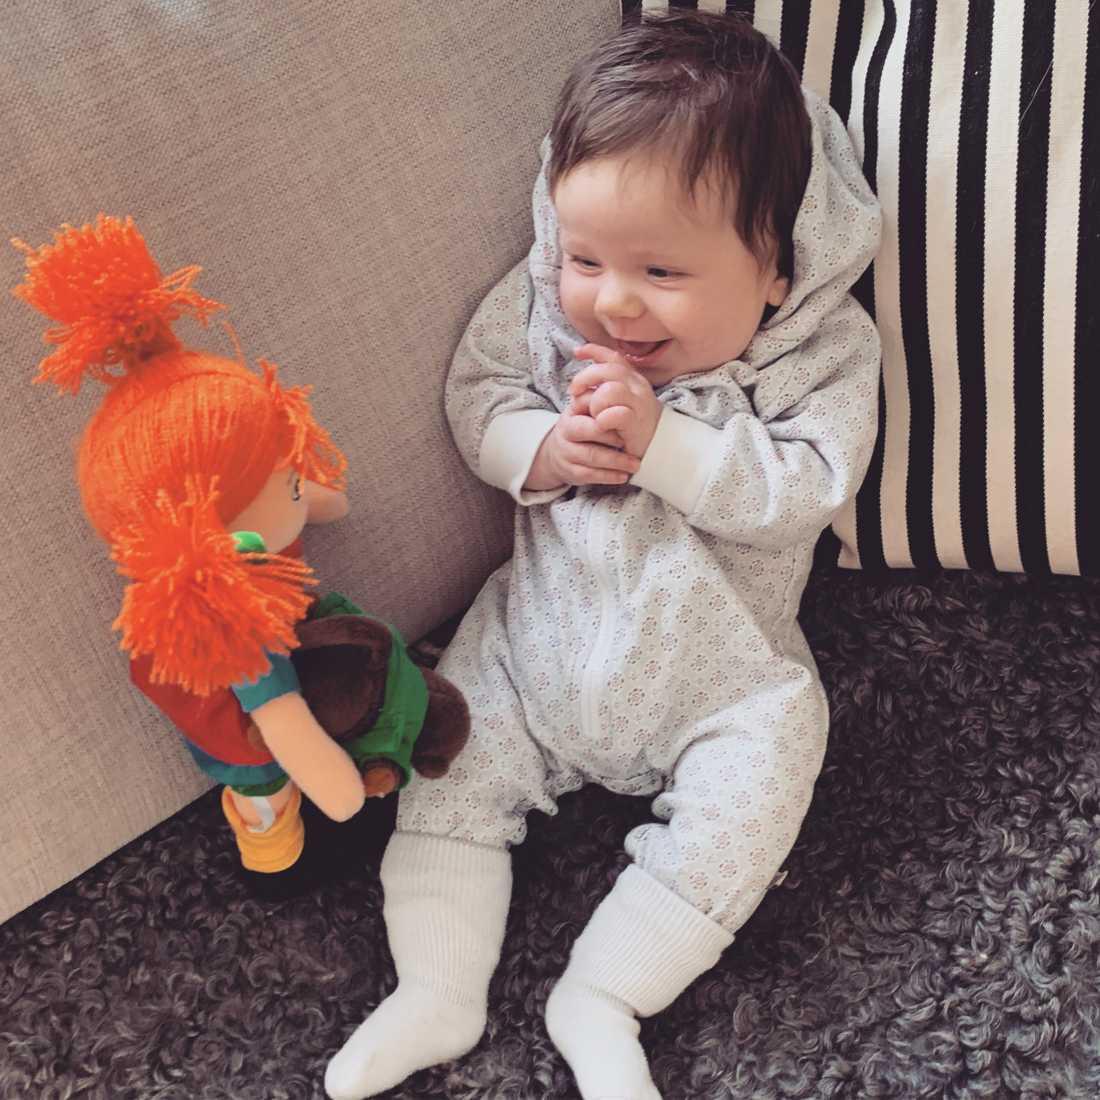 Elvira 11 månader med favoriten Pippi. Bild inskickad av mamman Beatrice Örtenblad från Kragsta utanför Norrtälje.